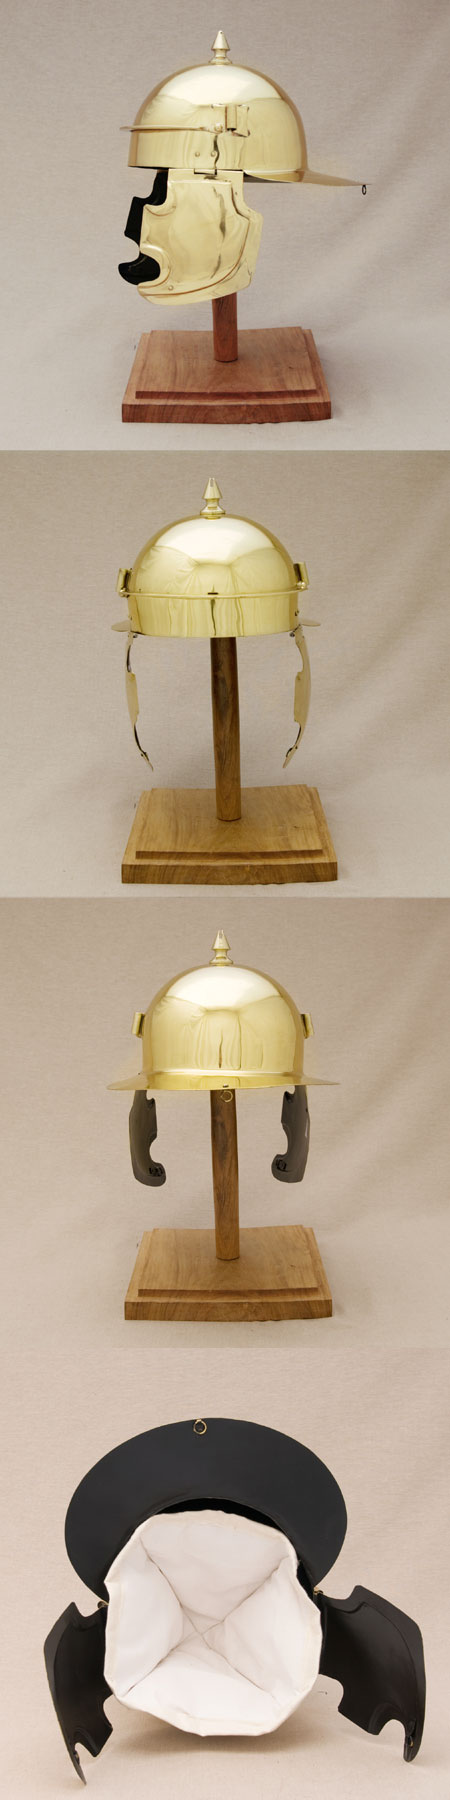 Helm der Legionäre Roms, 1.Jhdt.AD, Coolus E